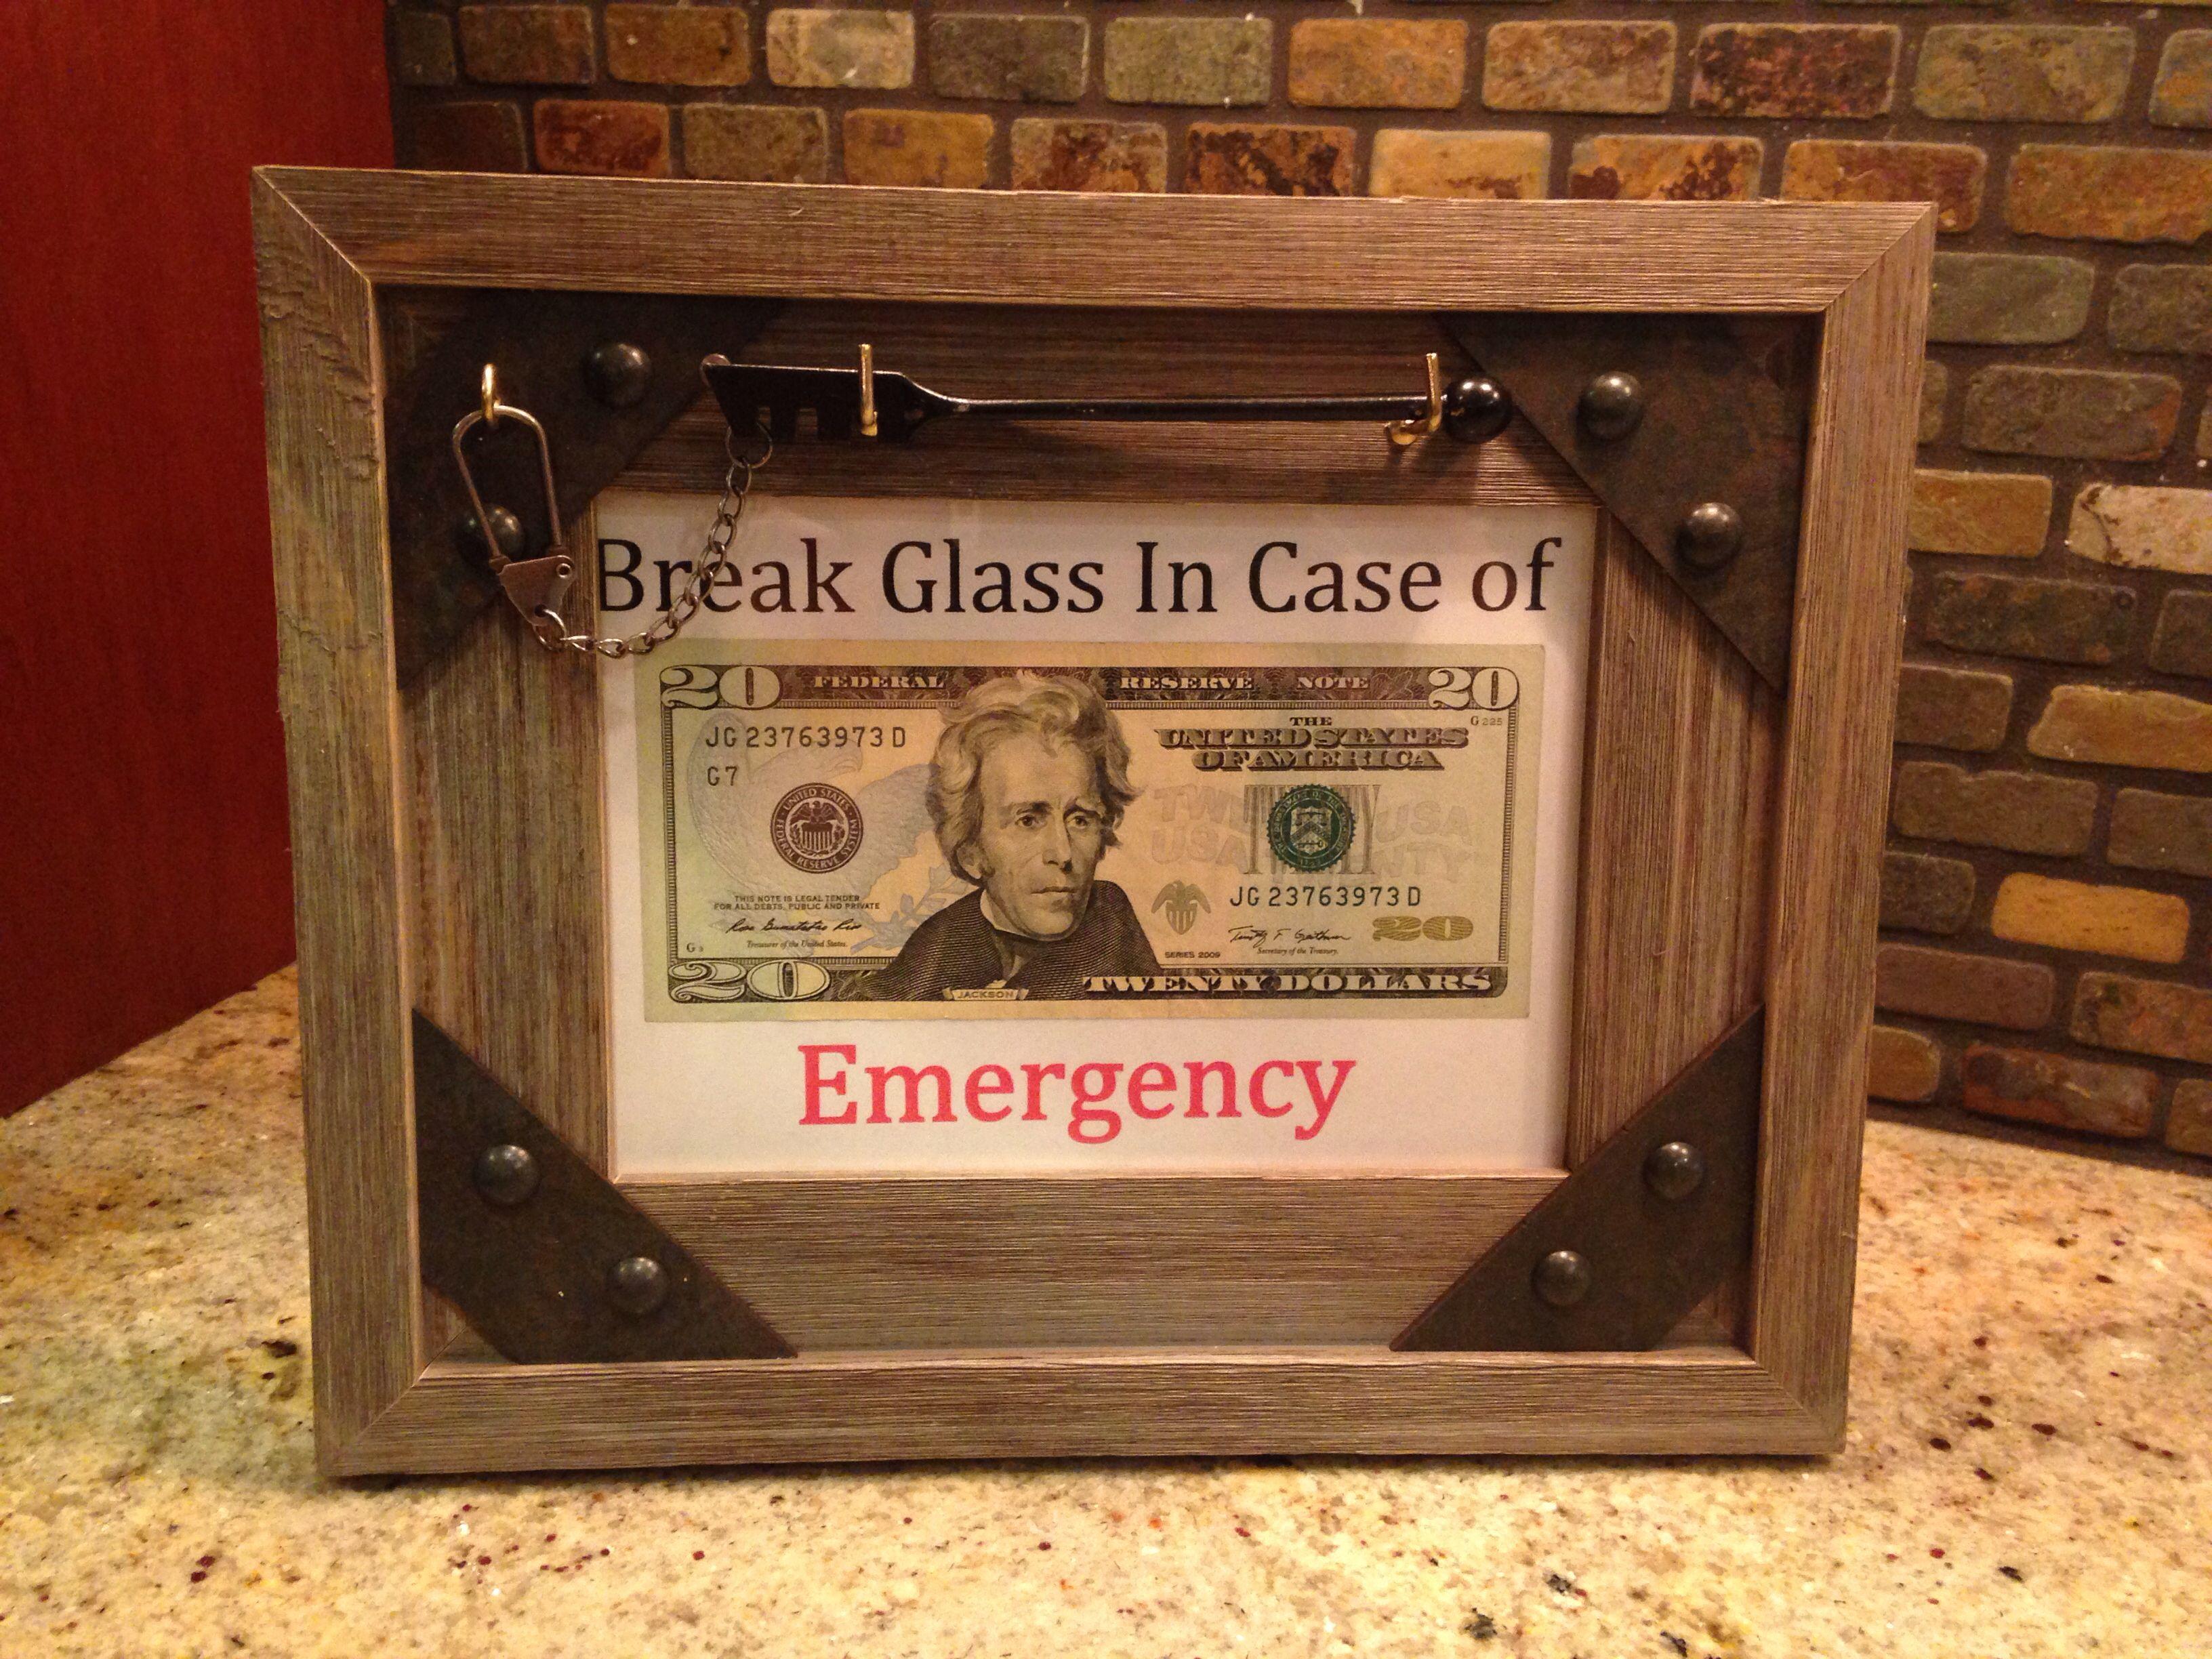 DIY Graduation Gift! Break Glass in Case of Emergency w/ $20 bill ...